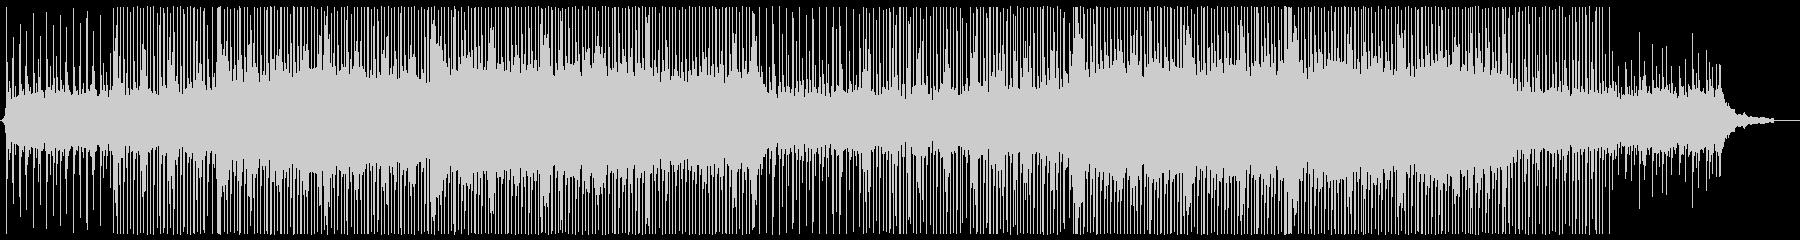 アコースティックなコンセプトムービー風の未再生の波形